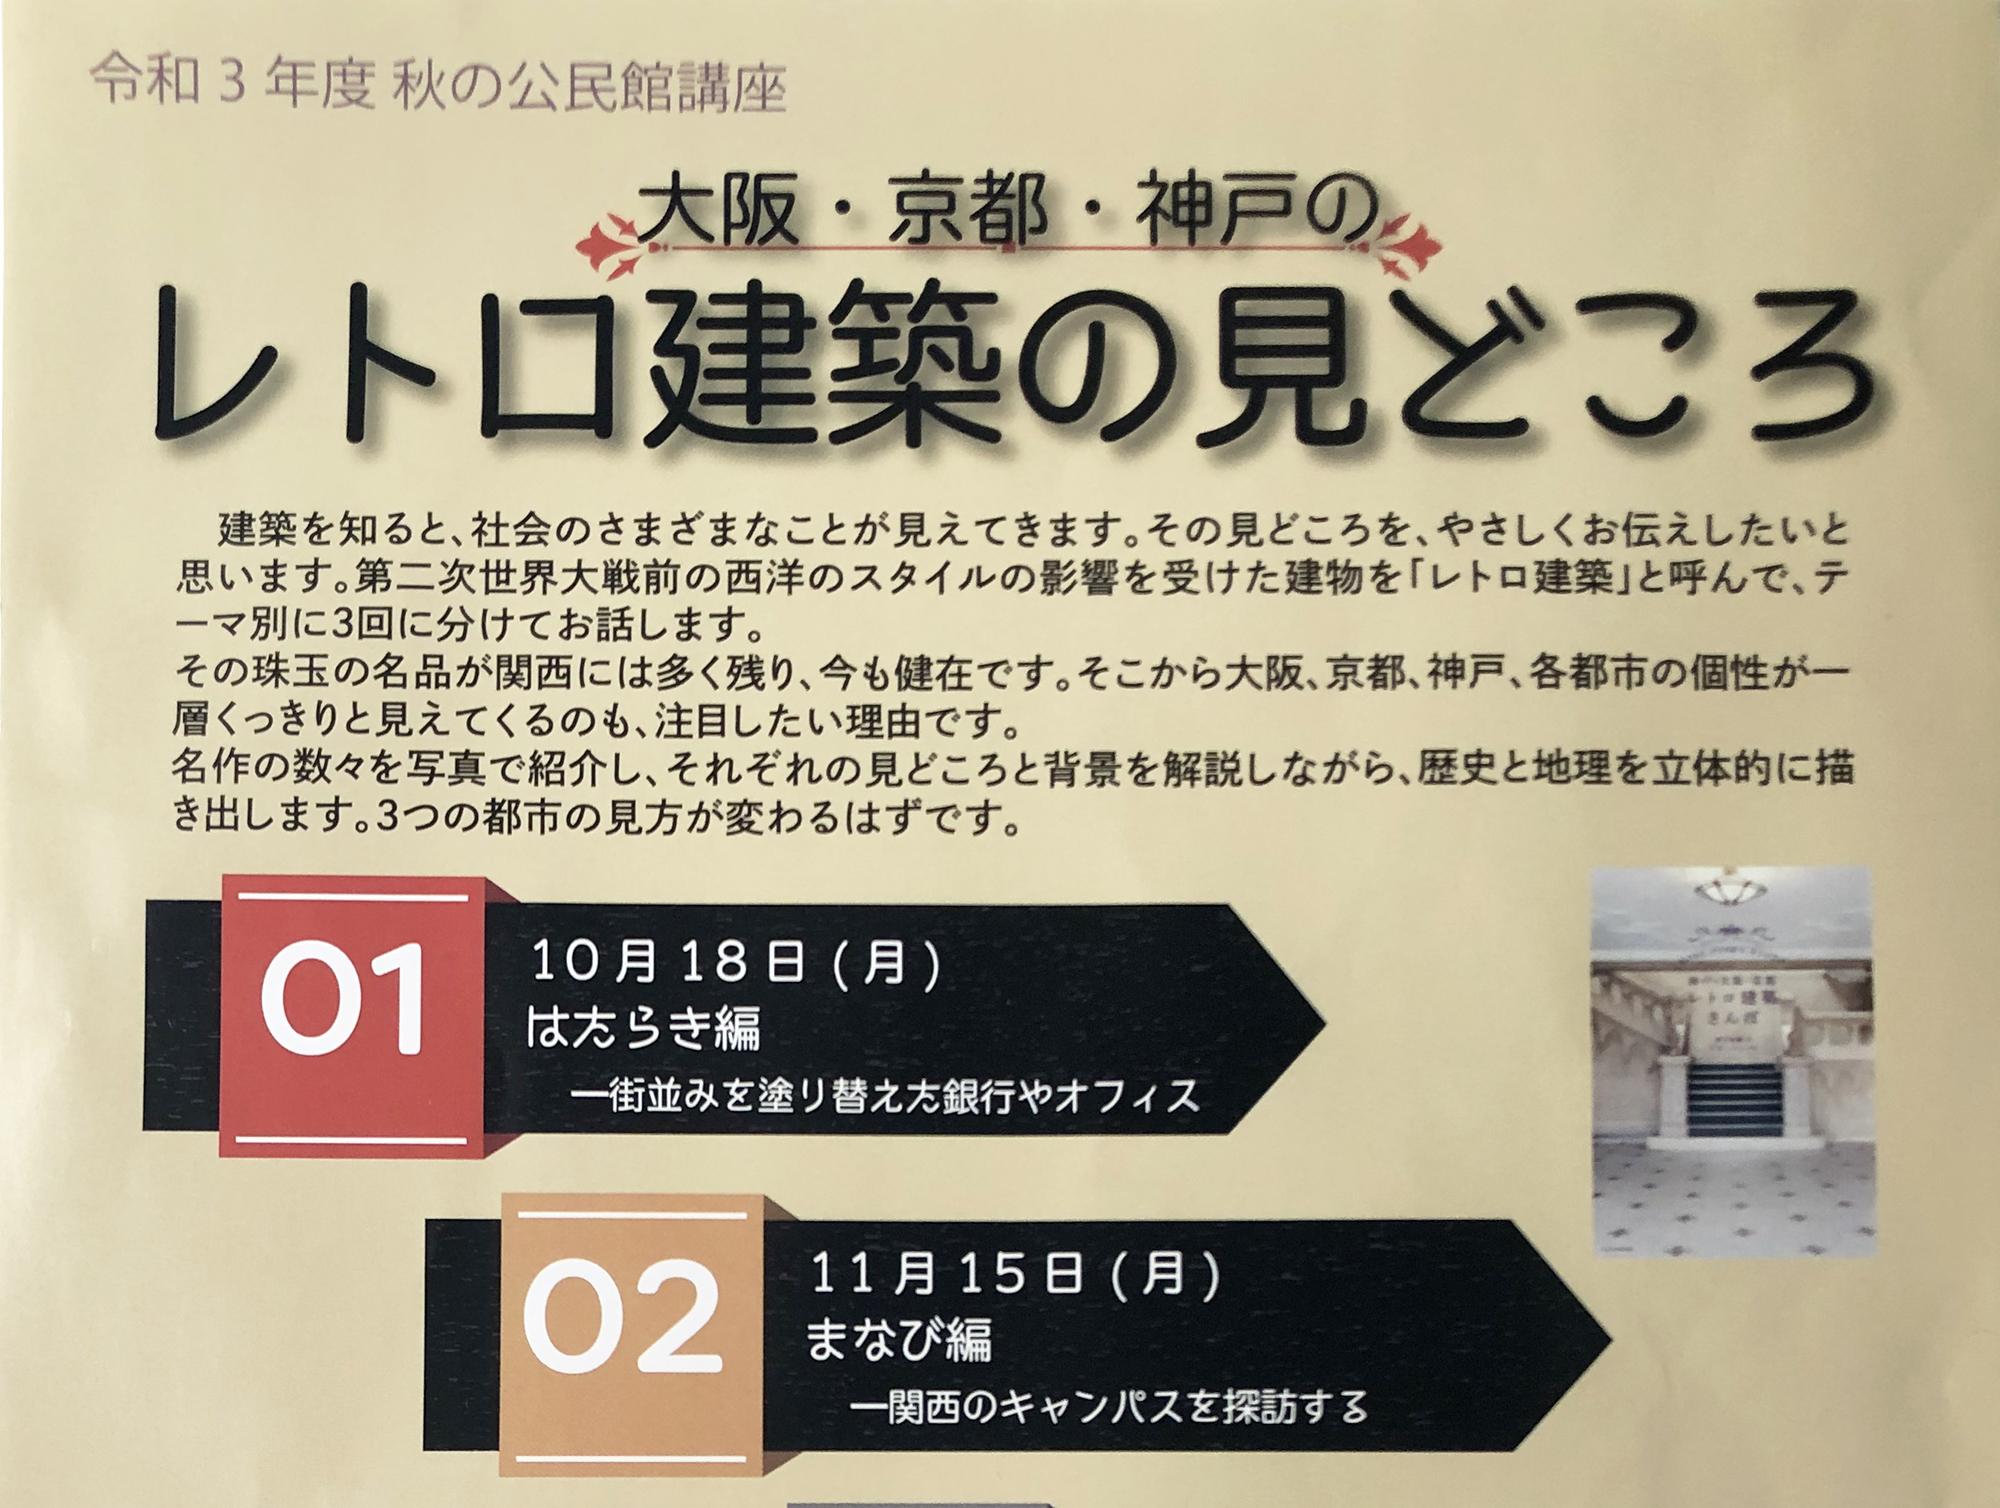 令和3年度 秋の公民館講座 大阪・京都・神戸のレトロ建築の見どころ